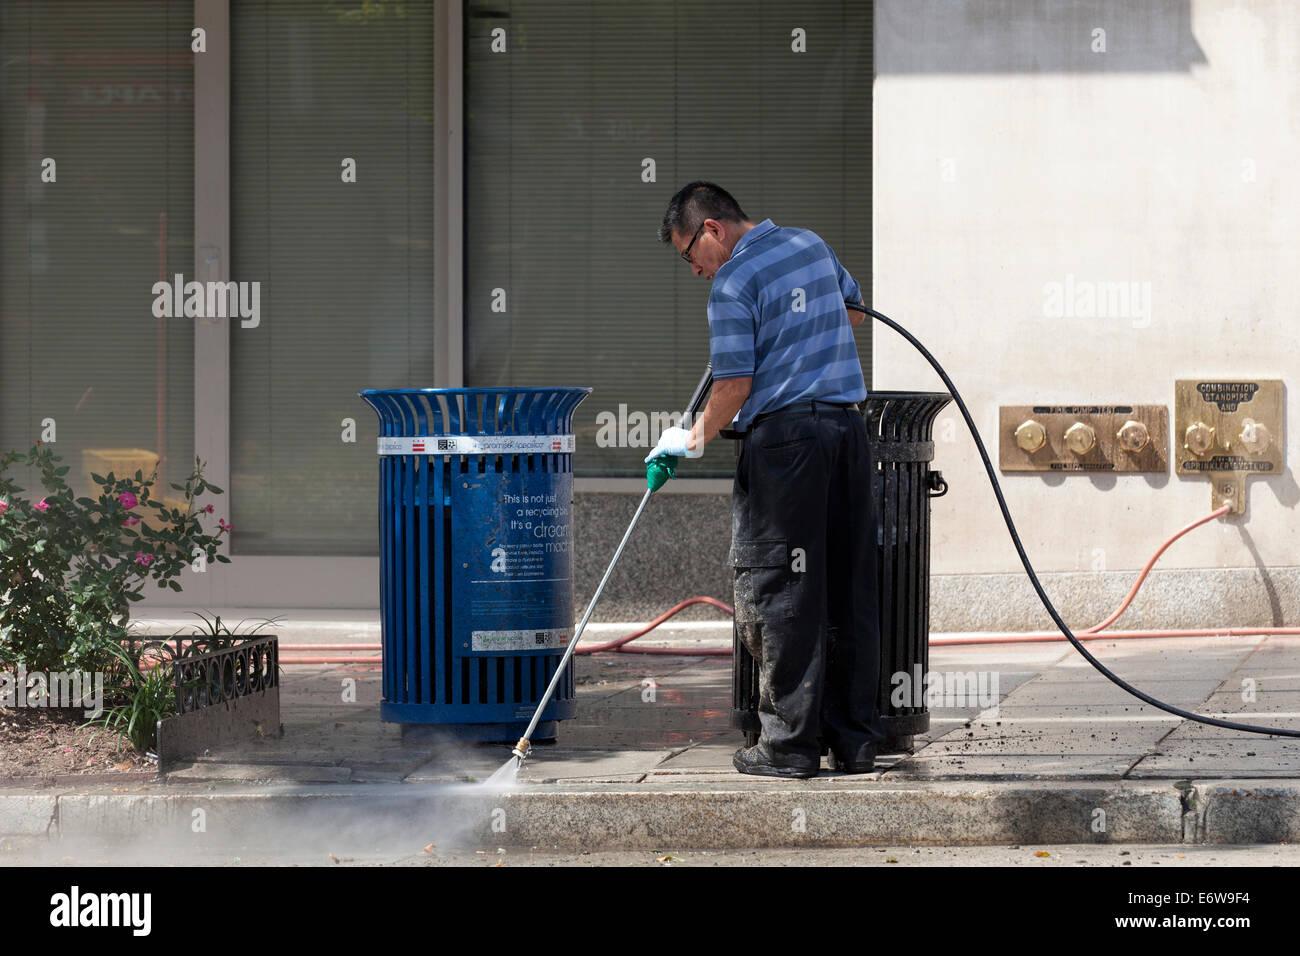 La pression de l'homme lave-trottoir - USA Banque D'Images